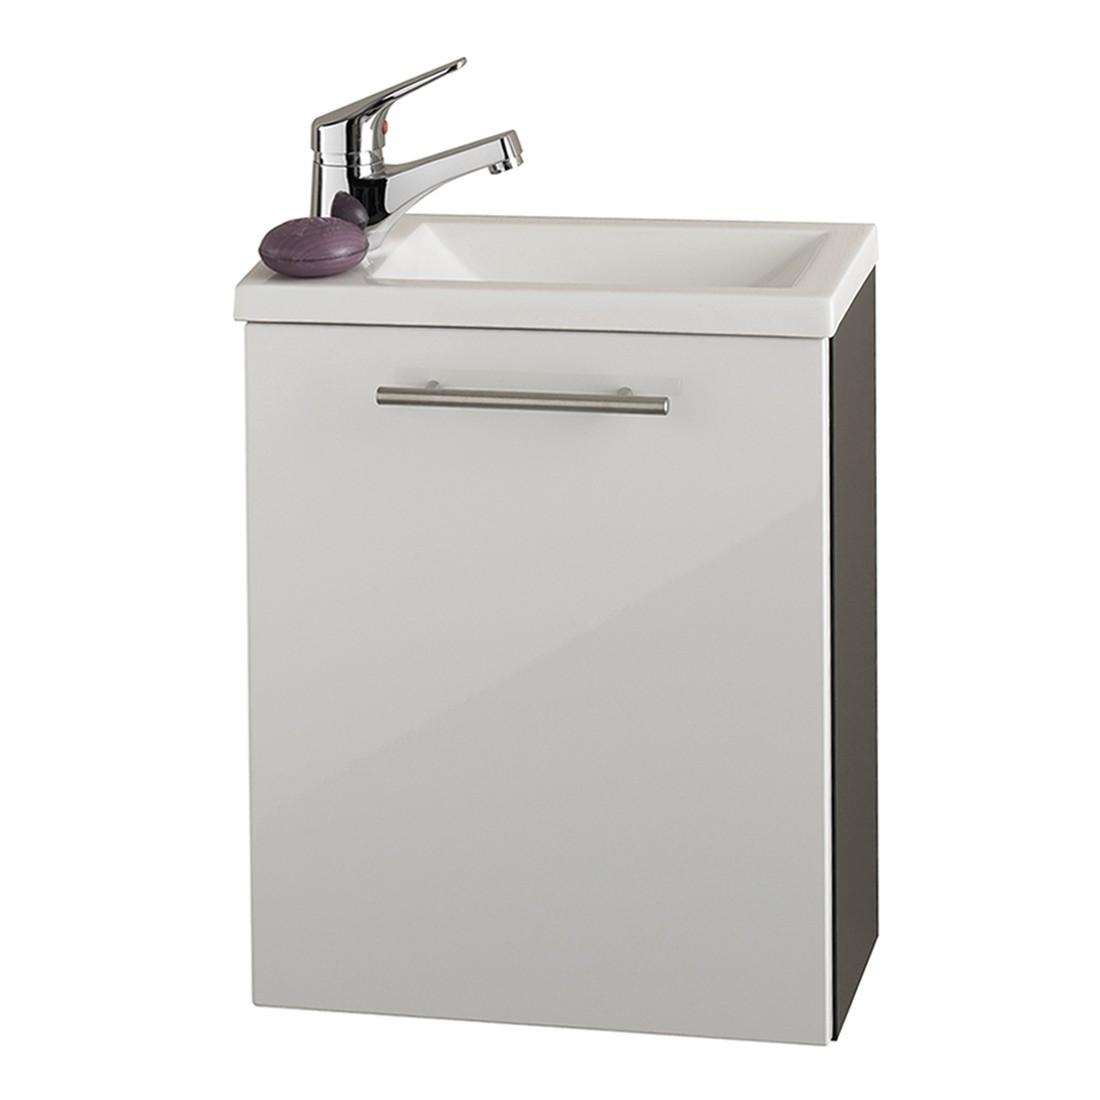 Handwaschplatz Alvaro – Anthrazit-Weiß, Aqua Suite kaufen